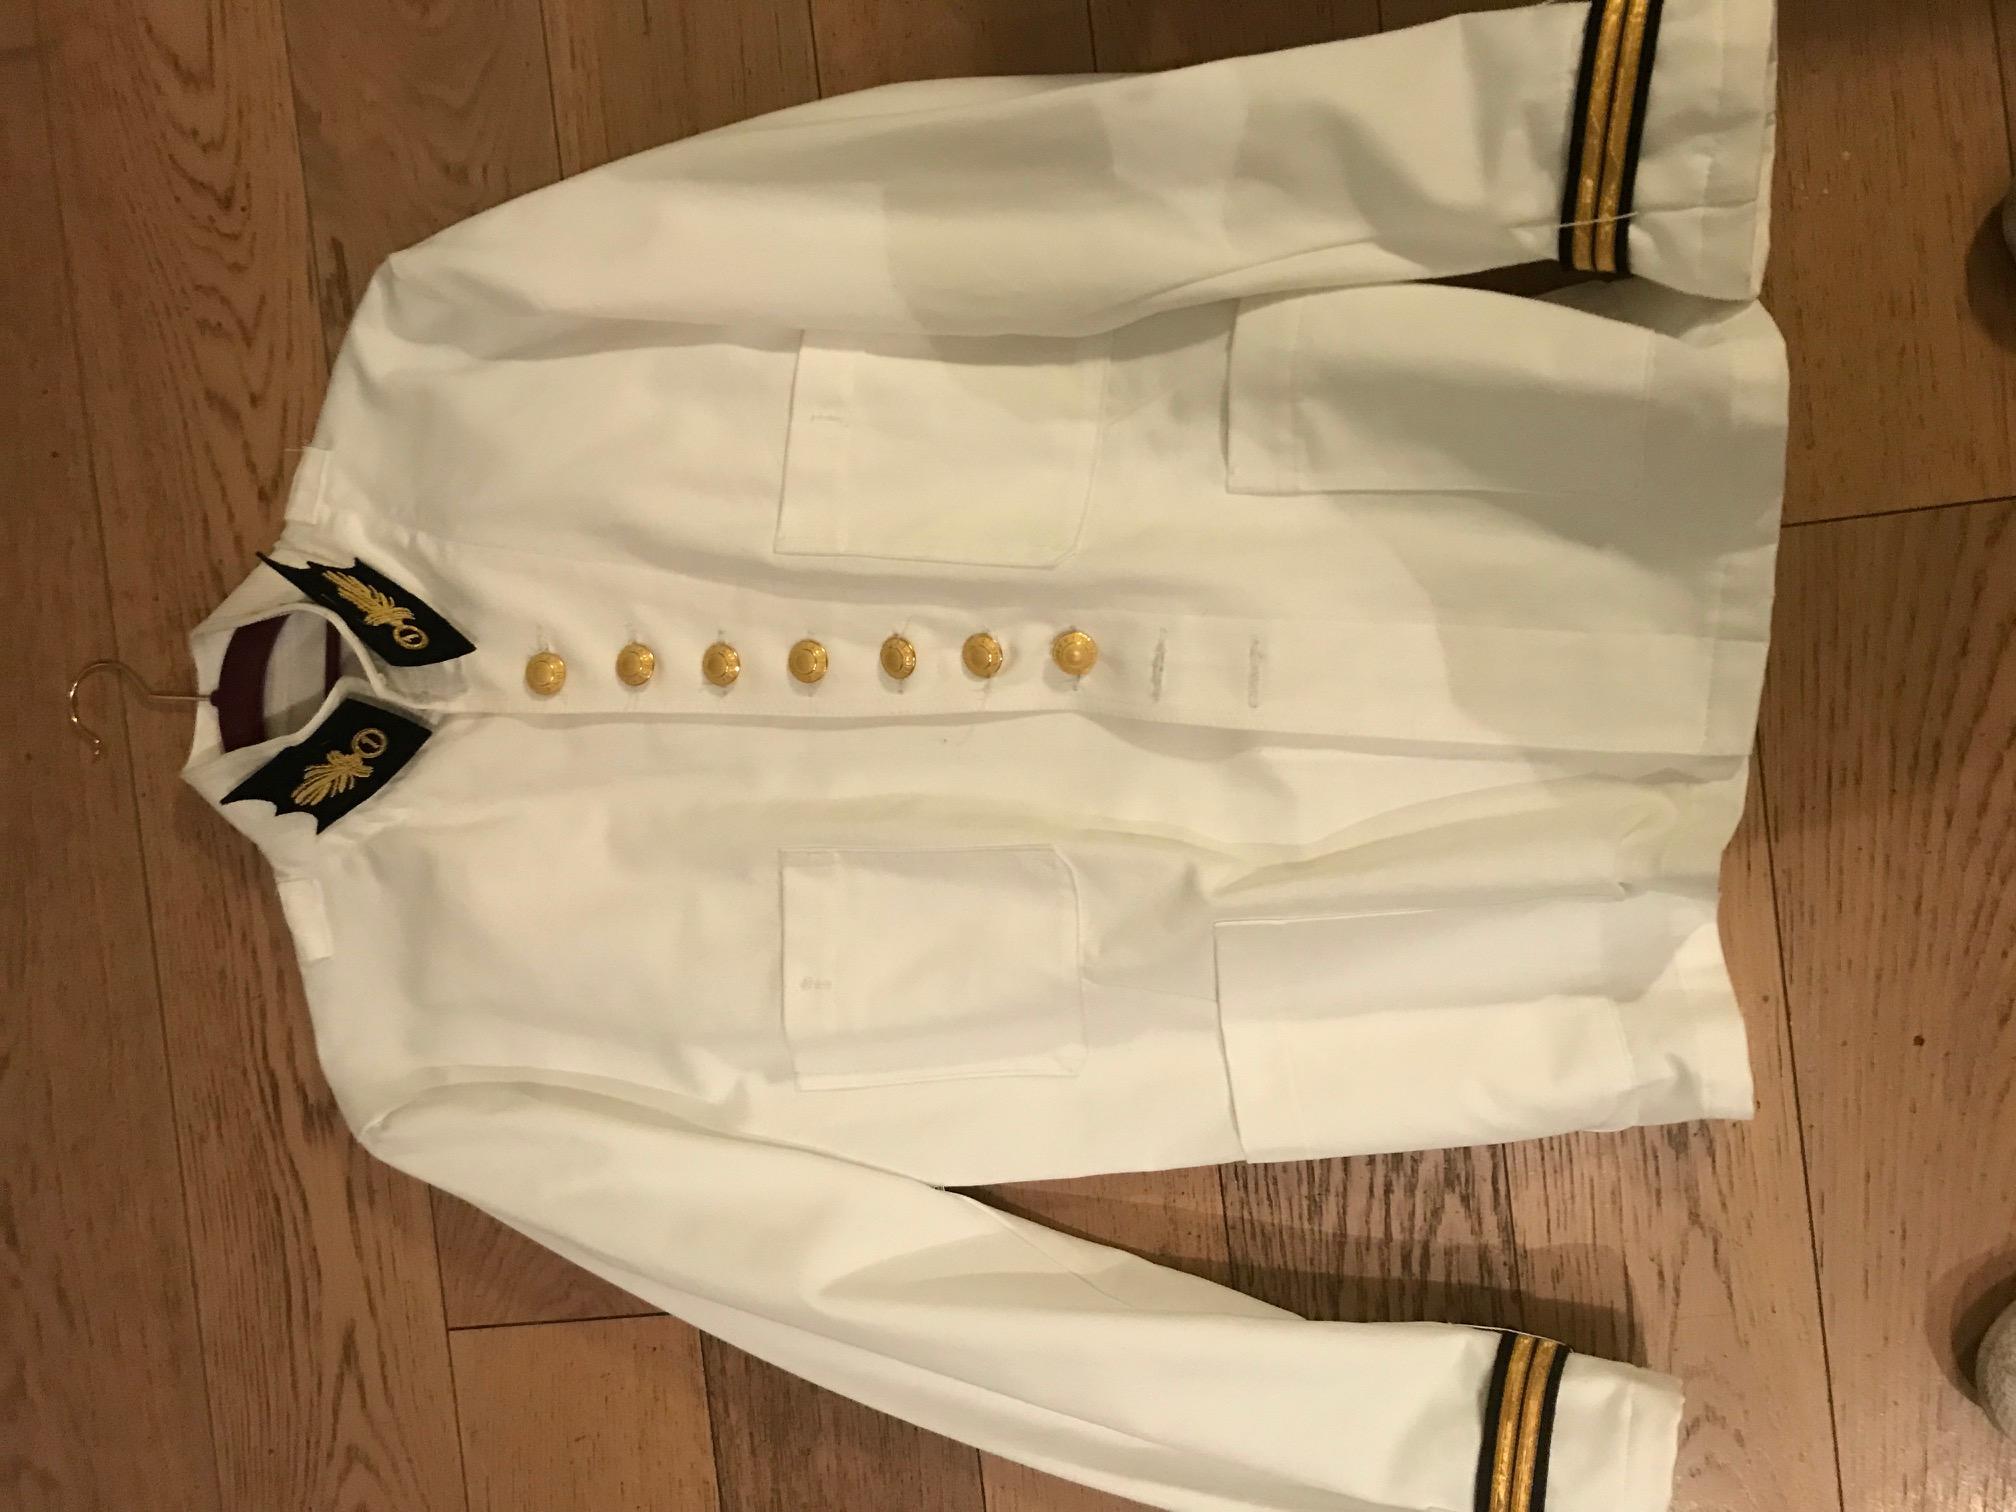 Veste blanche et dolman blanc légion étrangère. Rouet_10